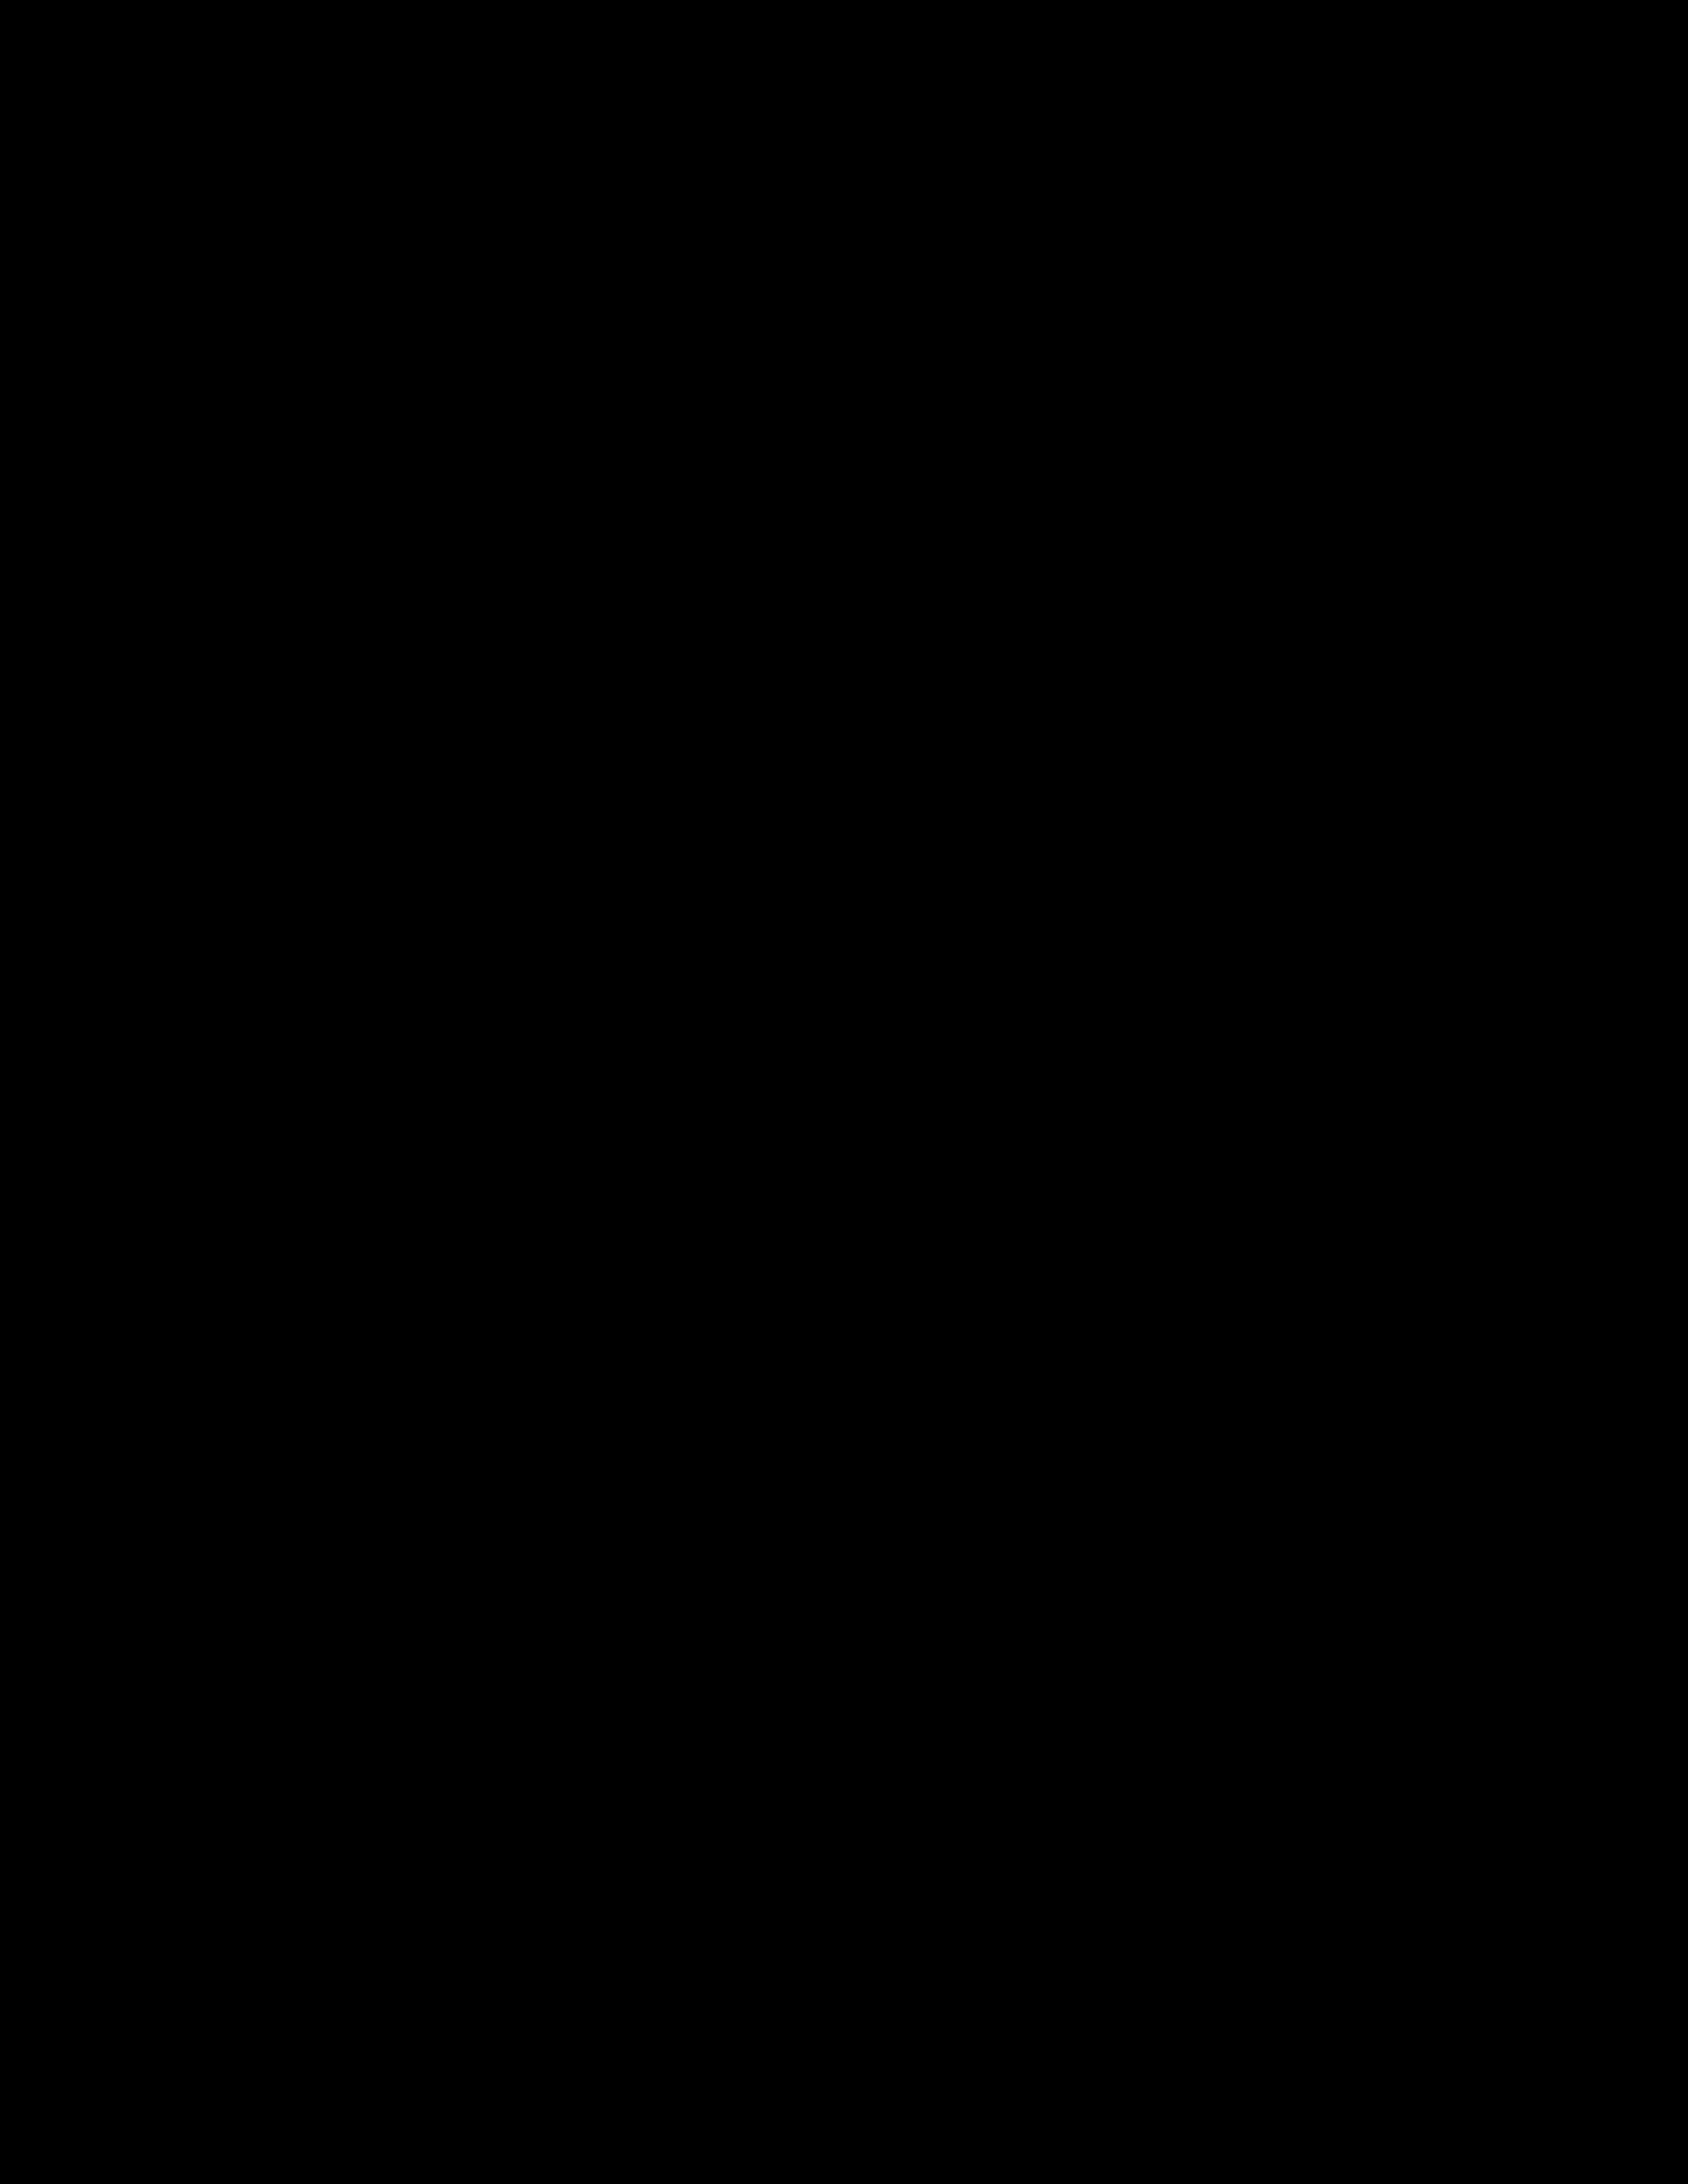 Townsville Marksmen Rifle Club